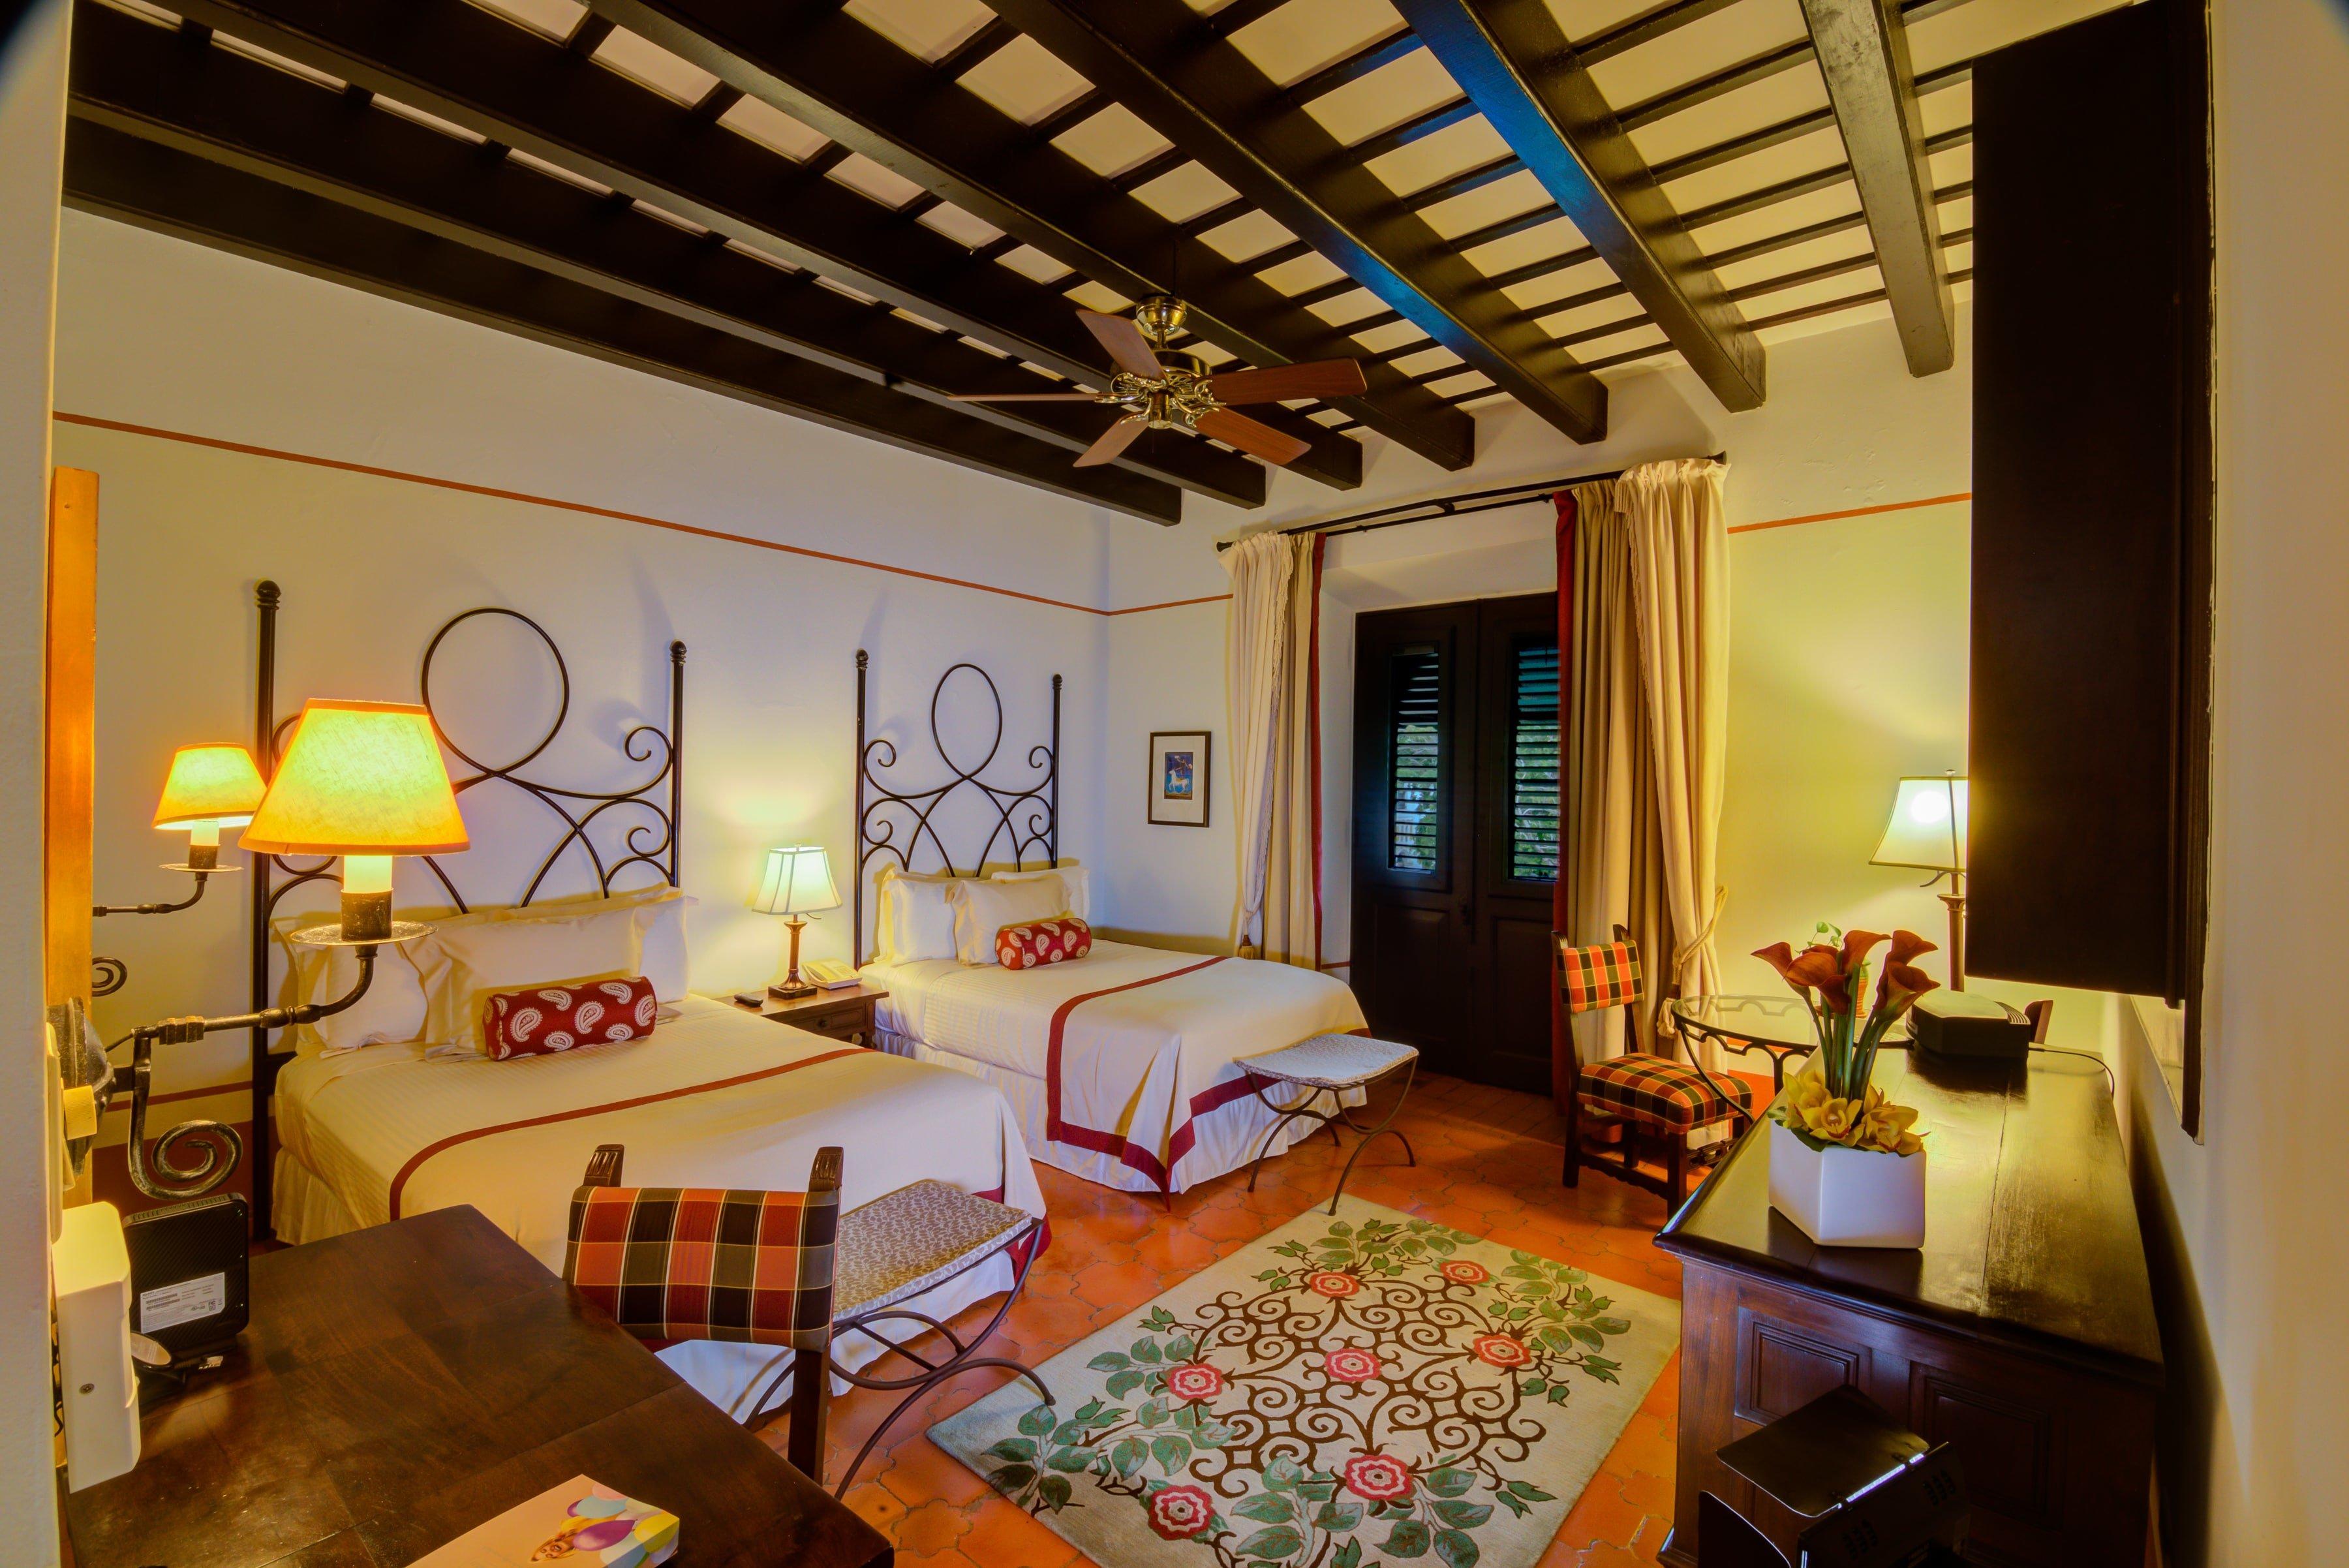 Hotel el convento old san juan hotels